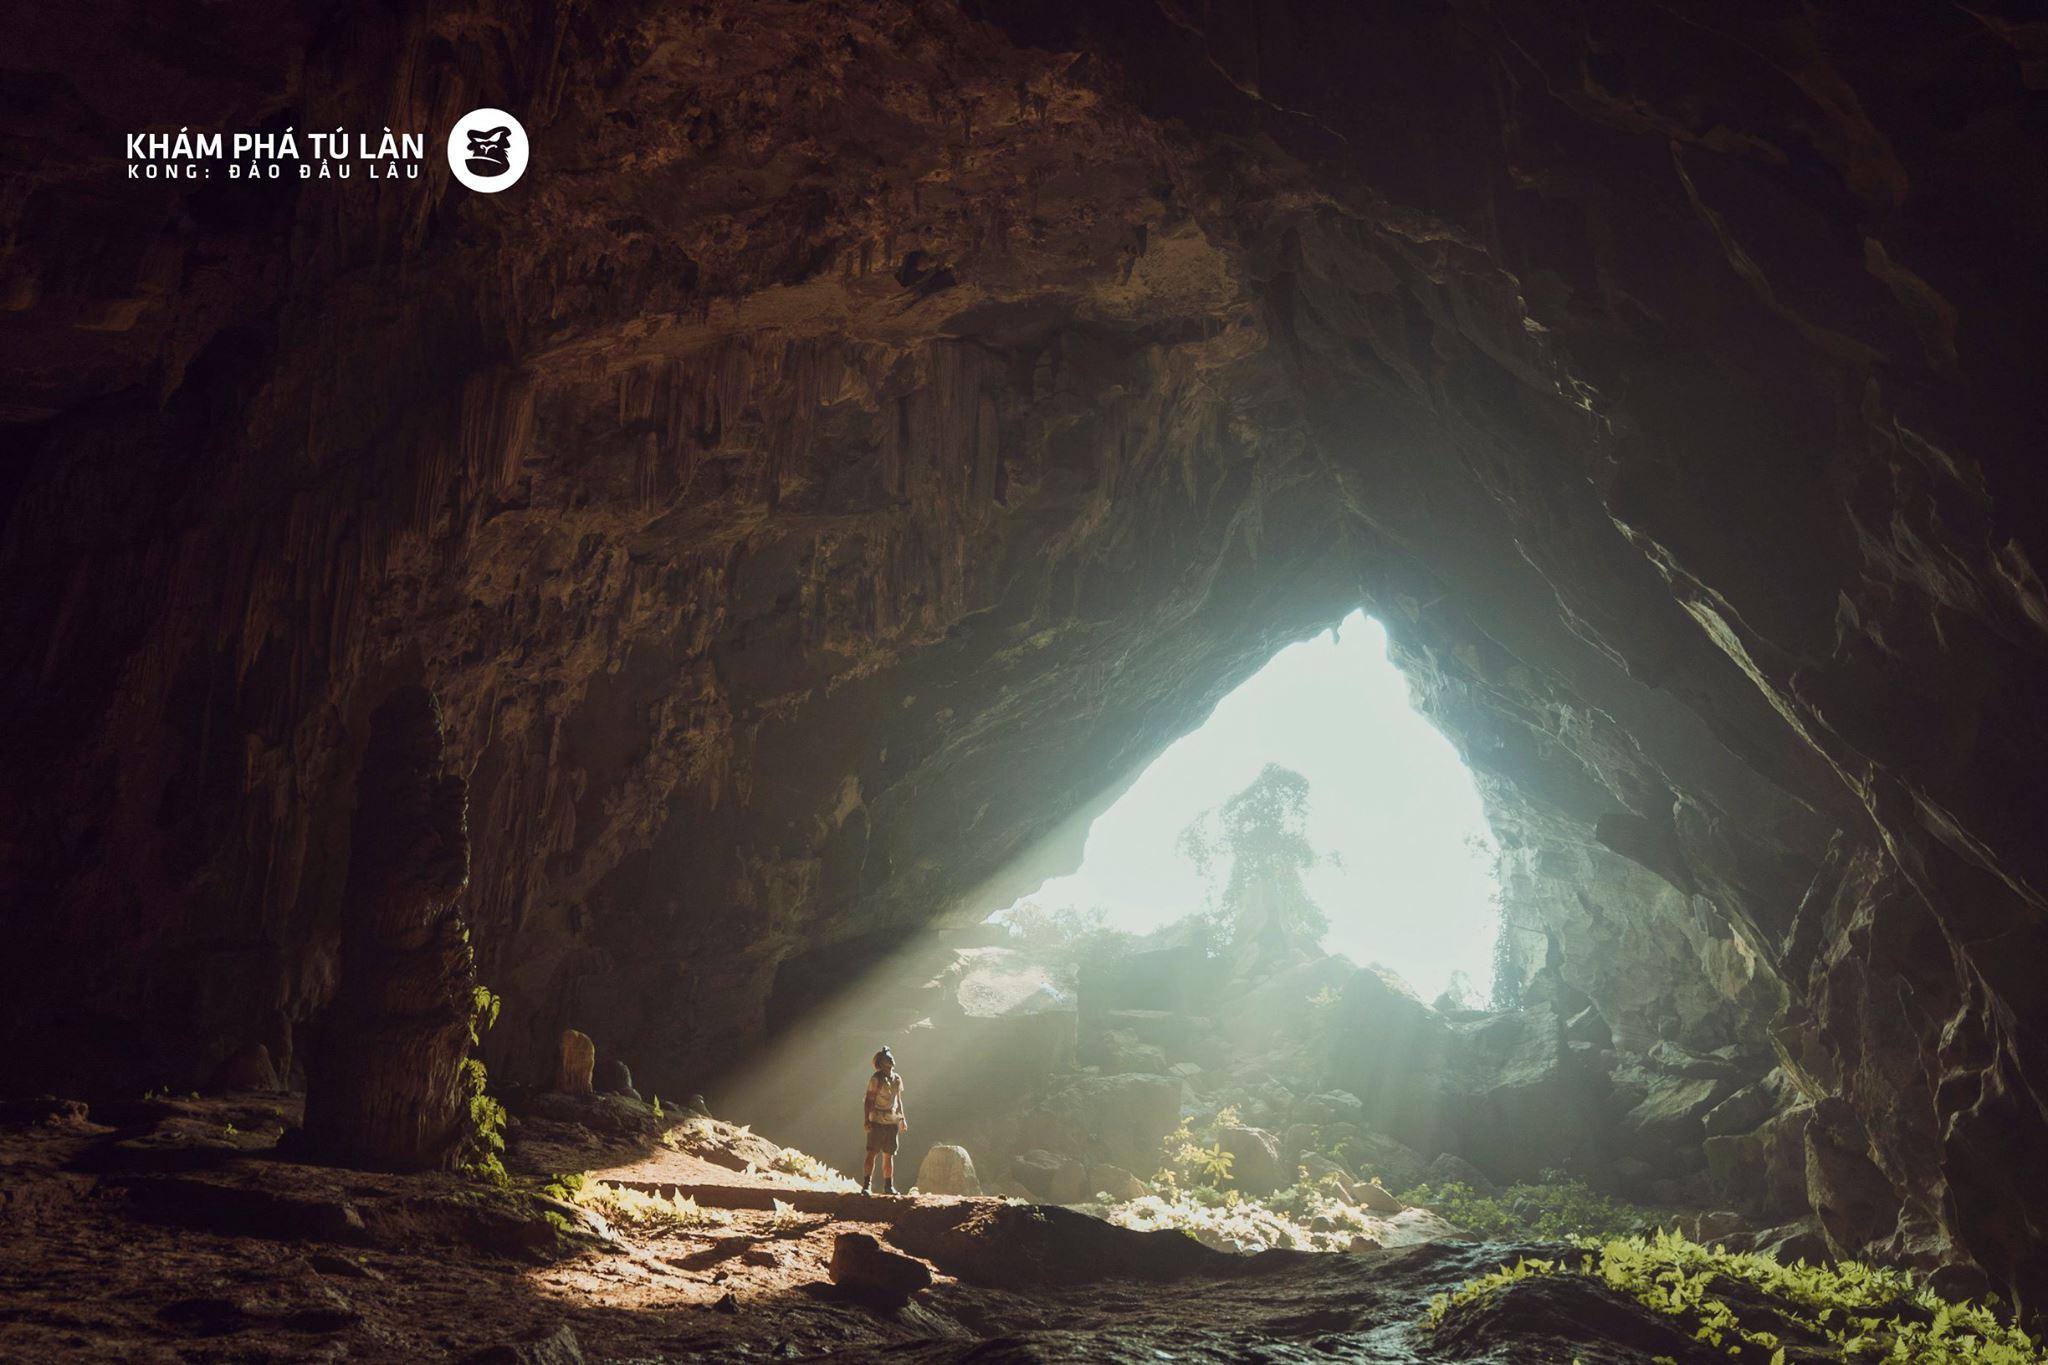 Đã có tour khám phá từ A-Z các điểm quay Kong: Skull Island ở Quảng Bình với mức giá khá mềm - Ảnh 13.